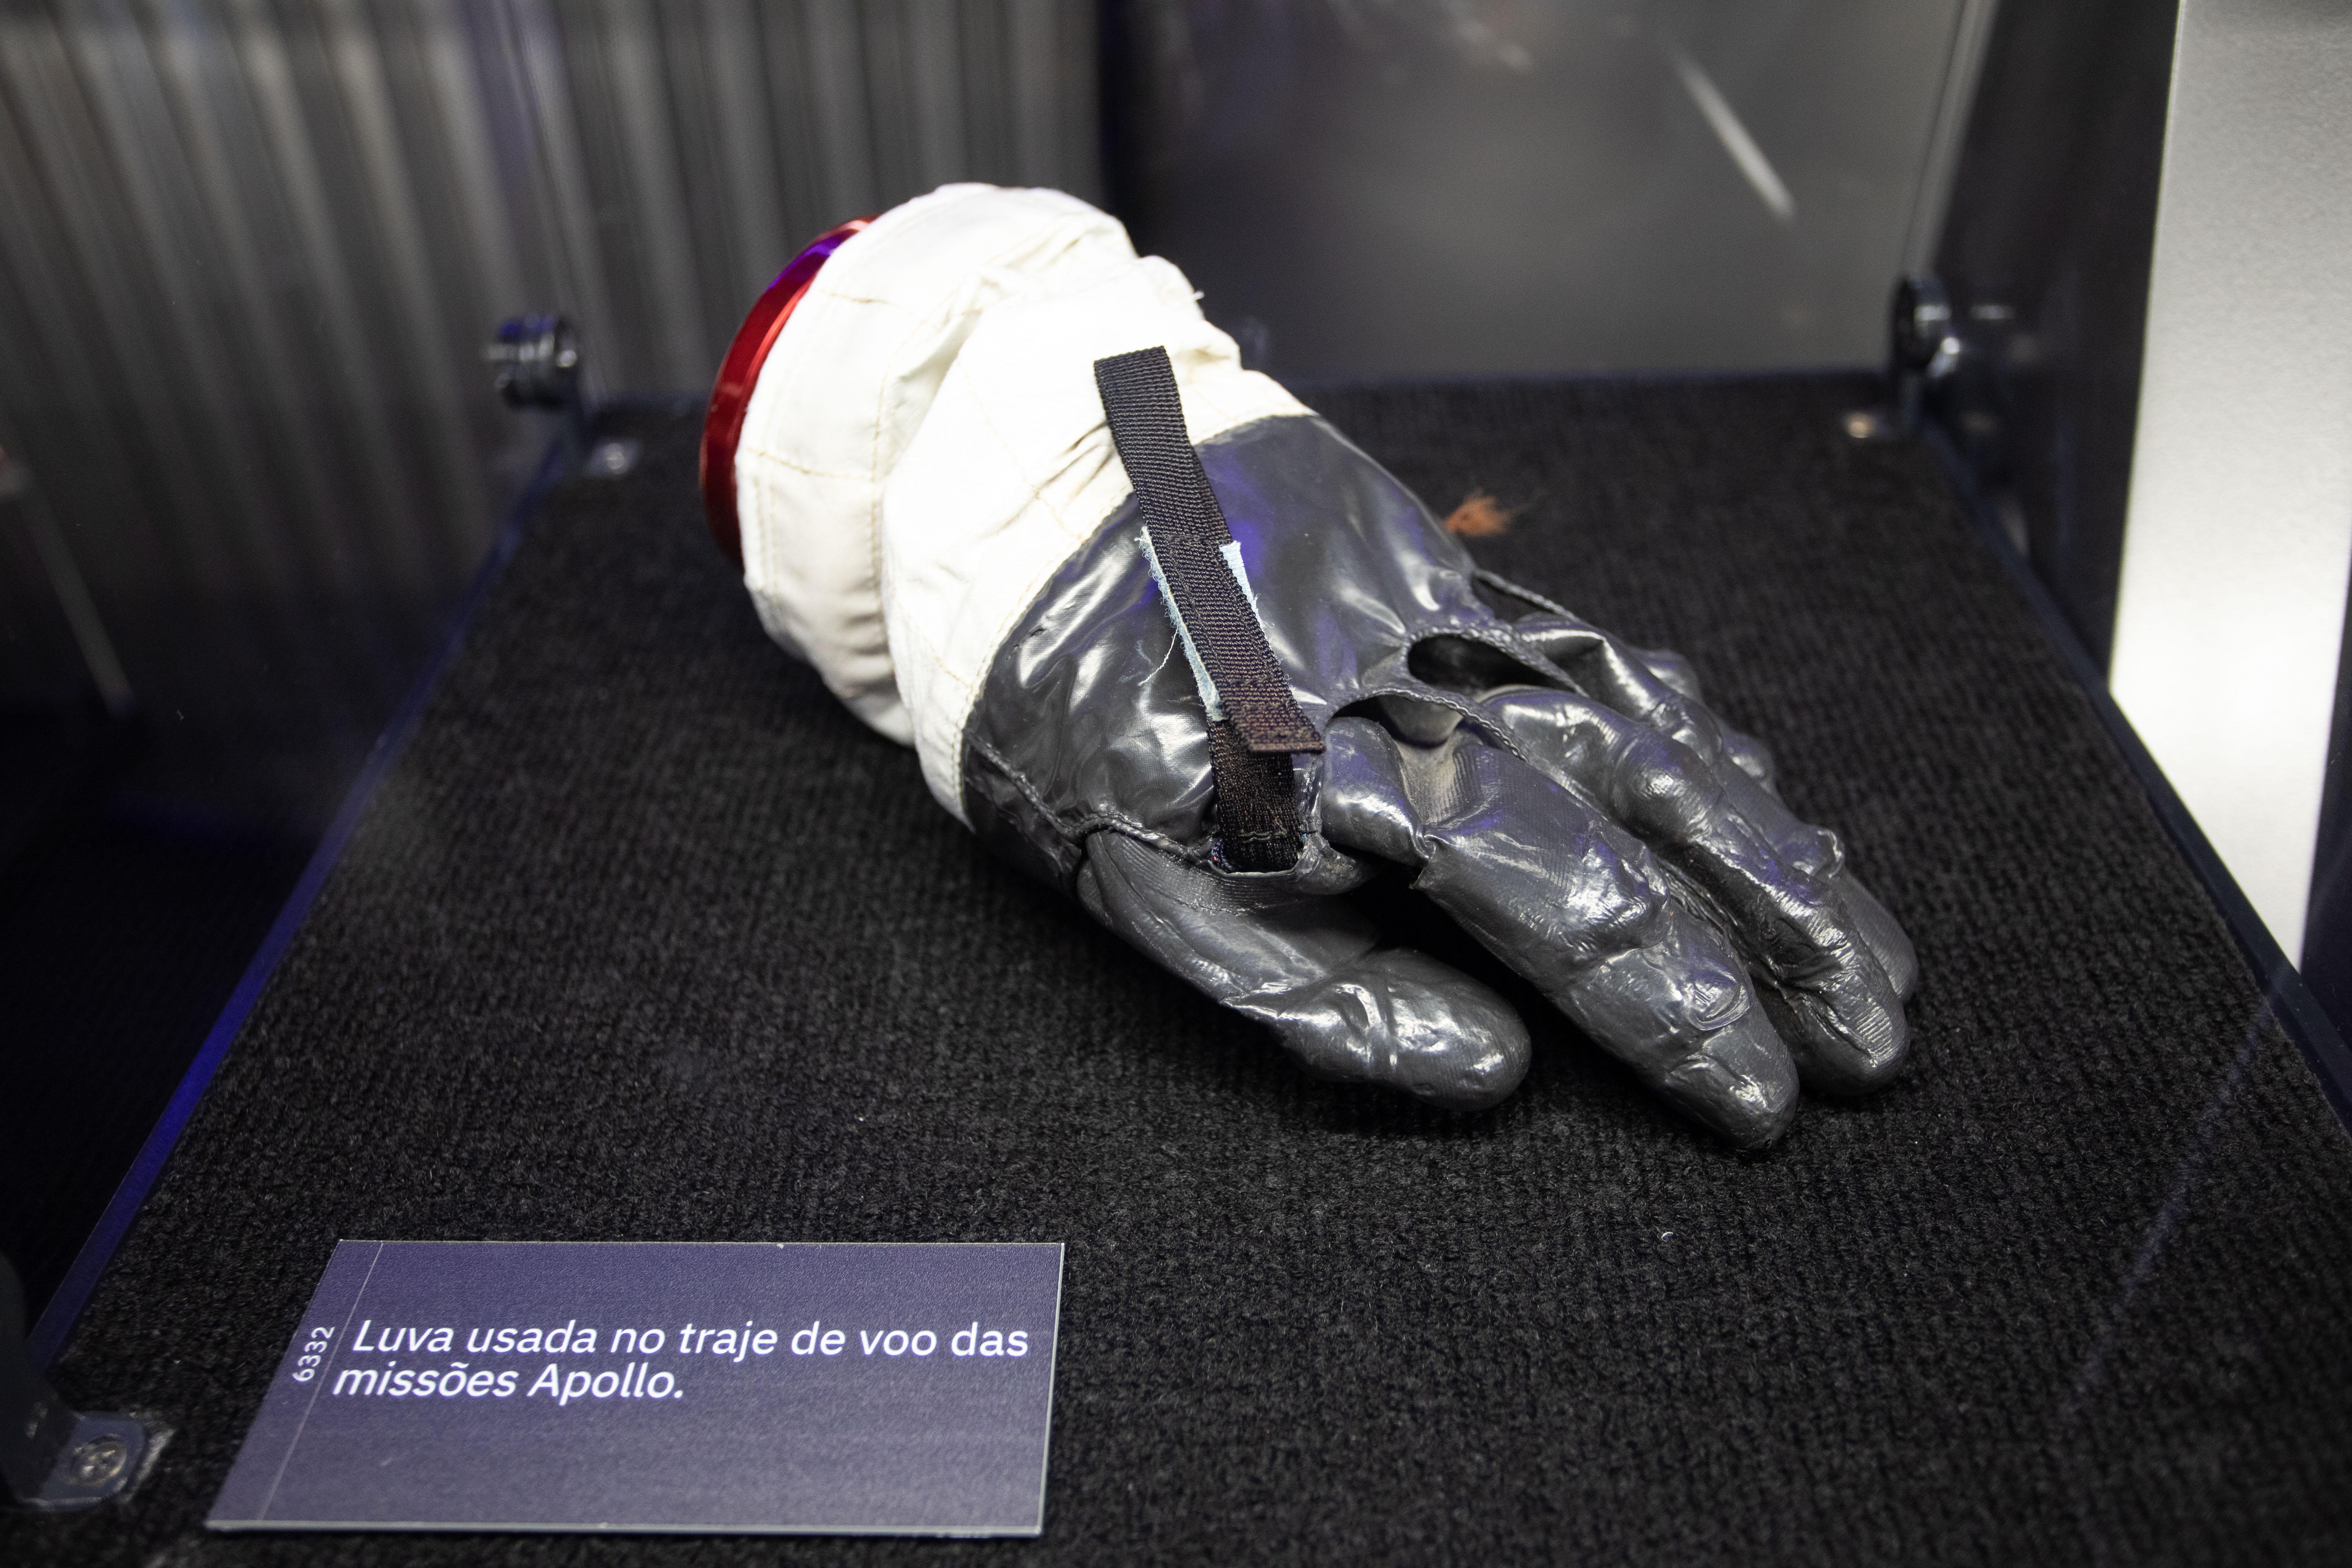 Luva usada nos trajes de voo das missões Apollo aparece dentro de vidro.